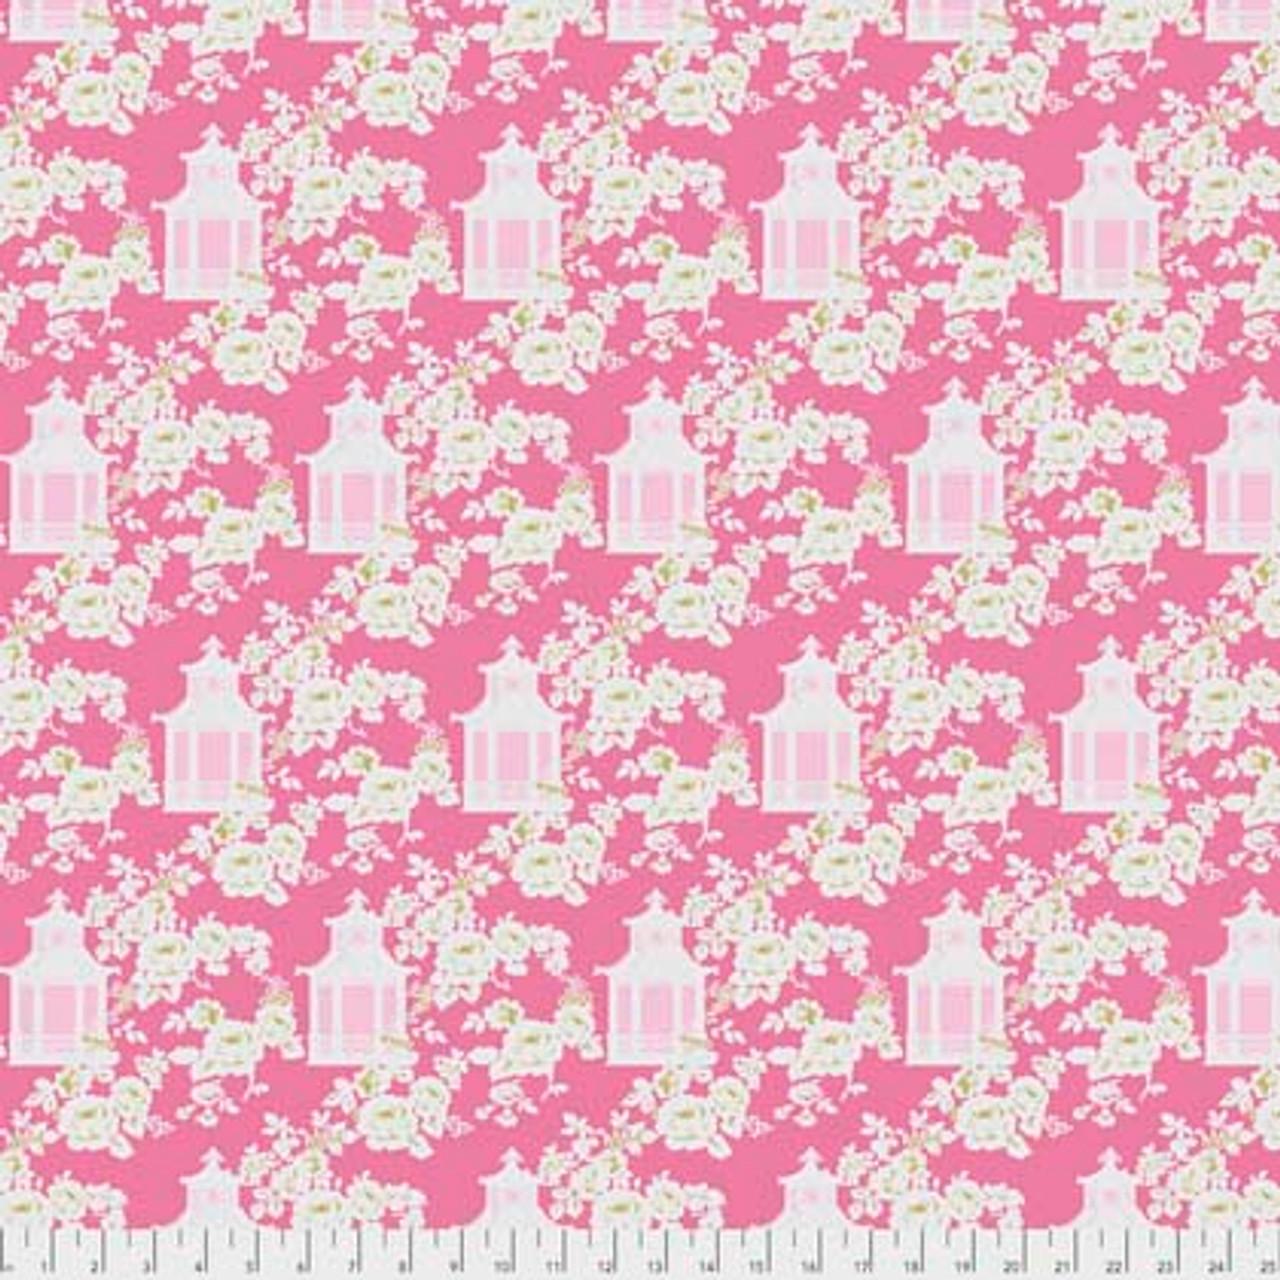 Tanya Whelan Gazebo PWTW151 Gazebo Toile Pink Cotton Fabric By The Yard